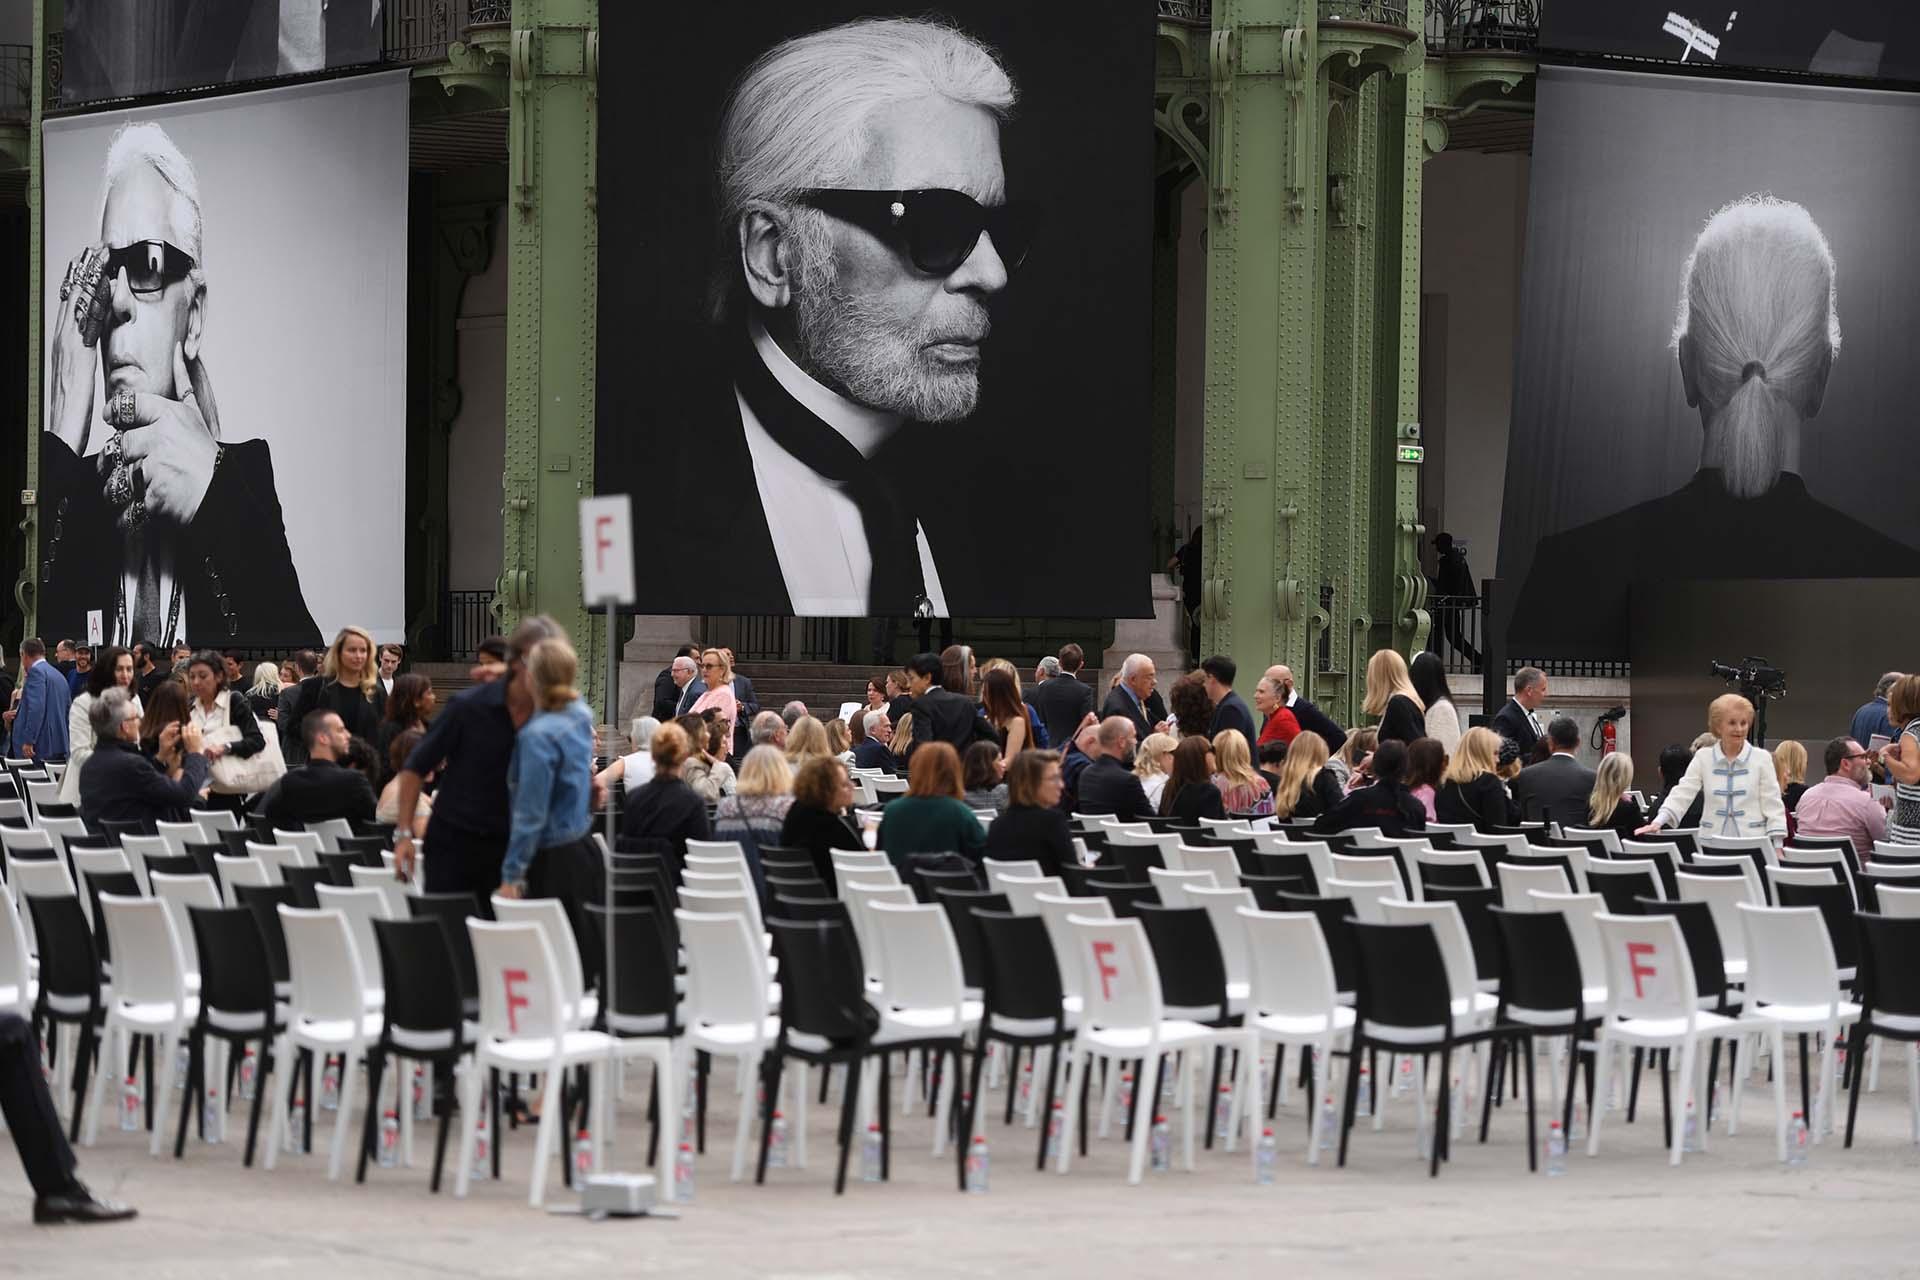 El diseñador alemán falleció el 19 de febrero de este año, pero no hubo funeral ya que él no quería que eso pasara. Meses después llegó el tan merecido homenaje. En su lugar de siempre, donde con Chanel hacía sus majestuosos desfiles le rindieron un homenaje con más de 2.500 personas